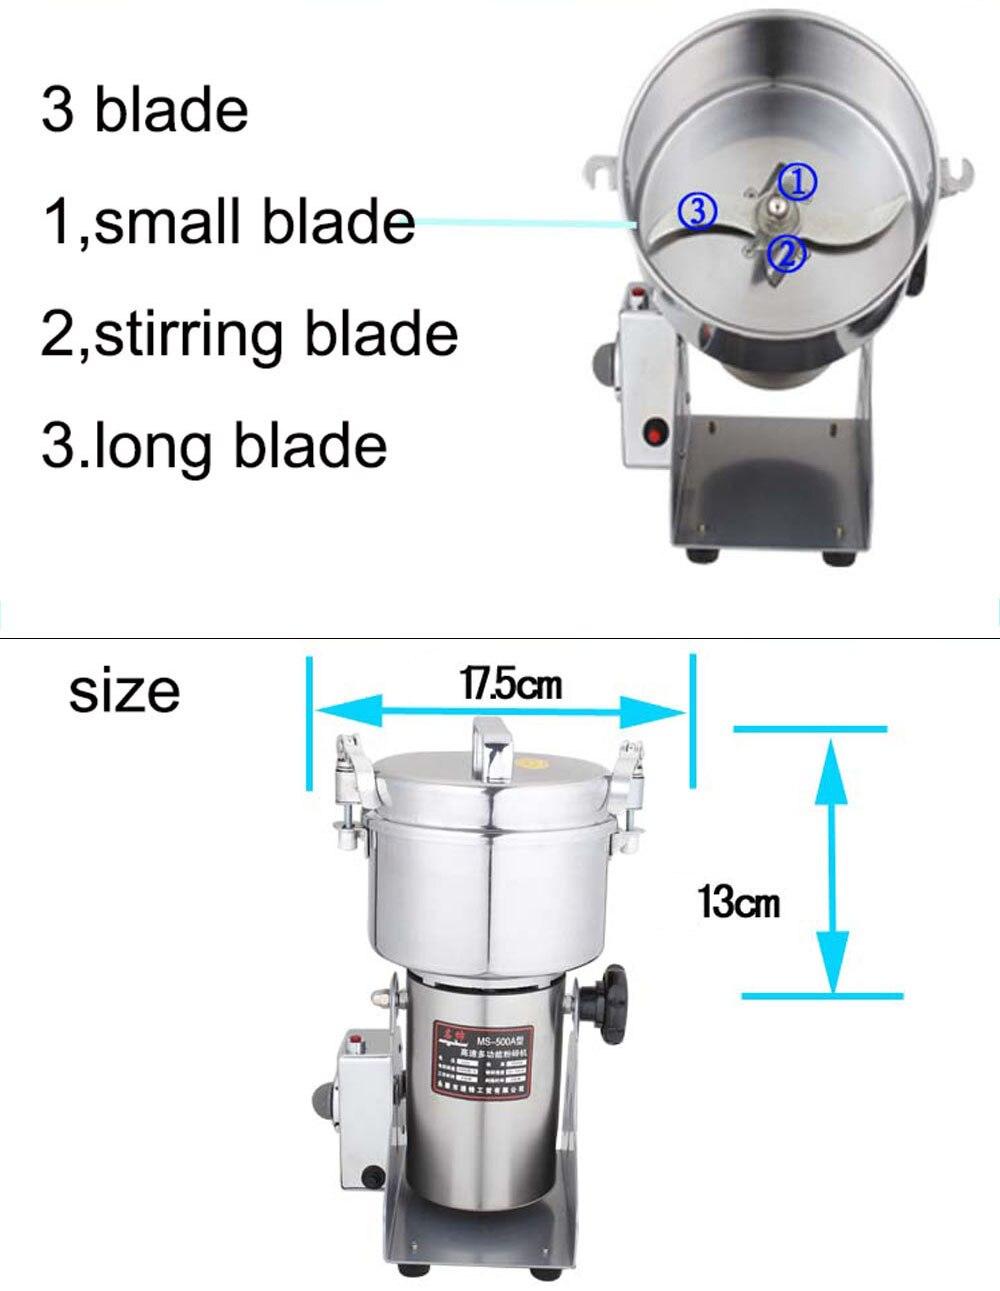 500 г качели полностью из нержавеющей травы шлифовальный станок устройство для измельчения продуктов кофемолка измельчитель шоколада мельница для мускатного ореха для домашнего использования